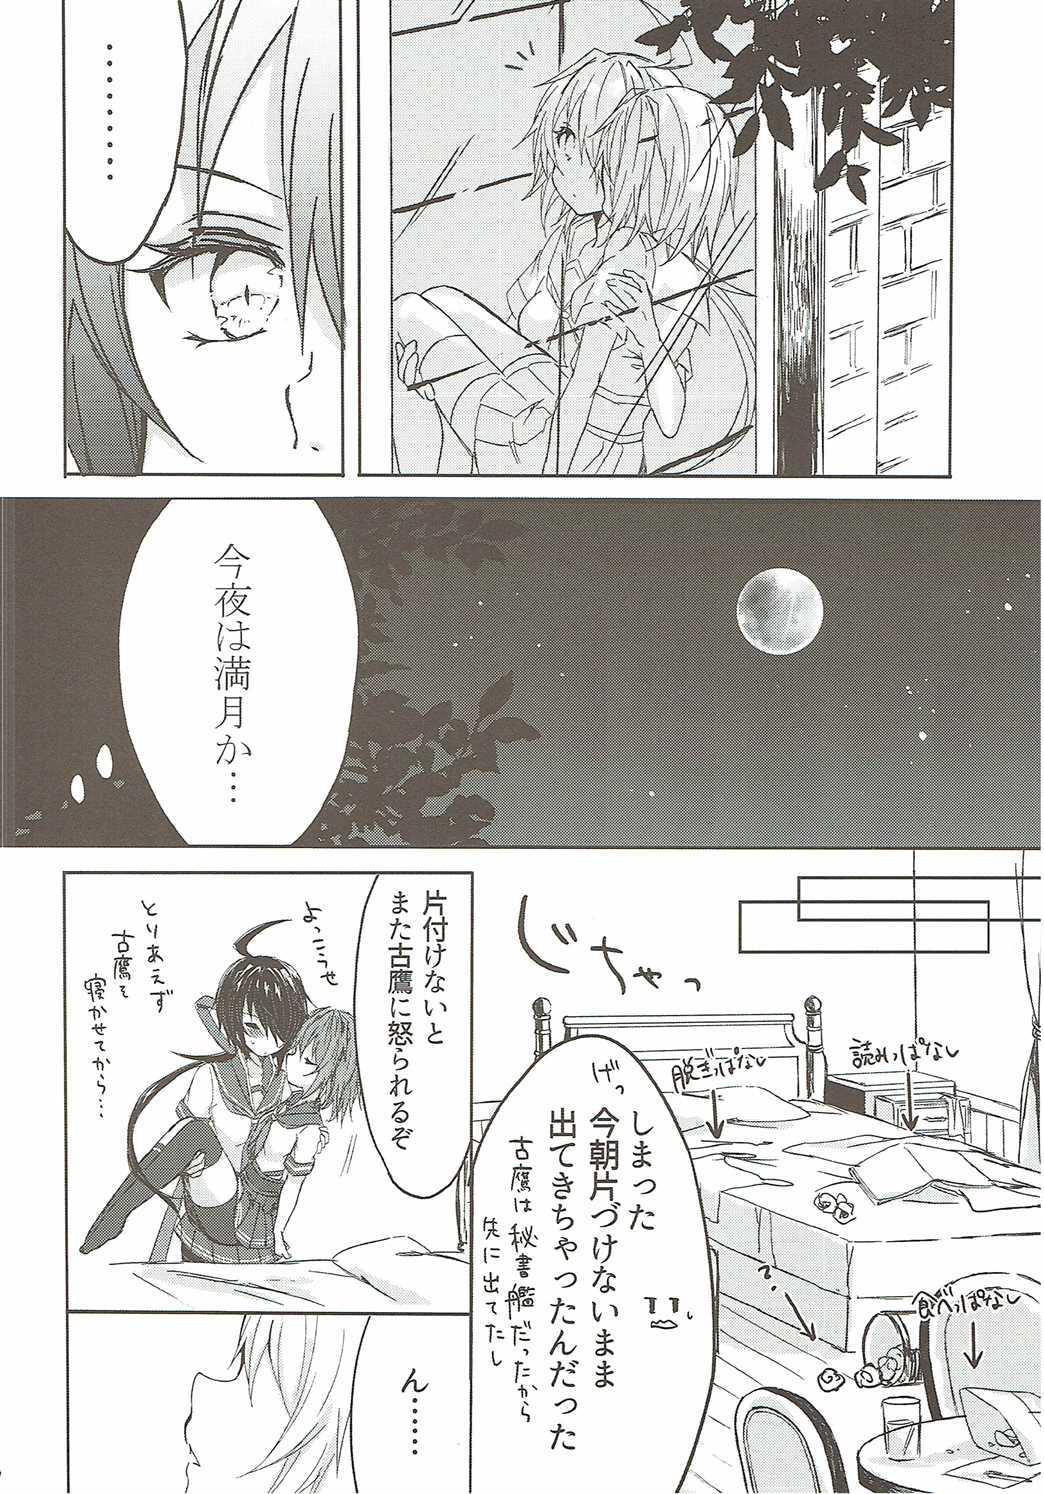 Toaru juujun Shimai no Netsu Bousou 4